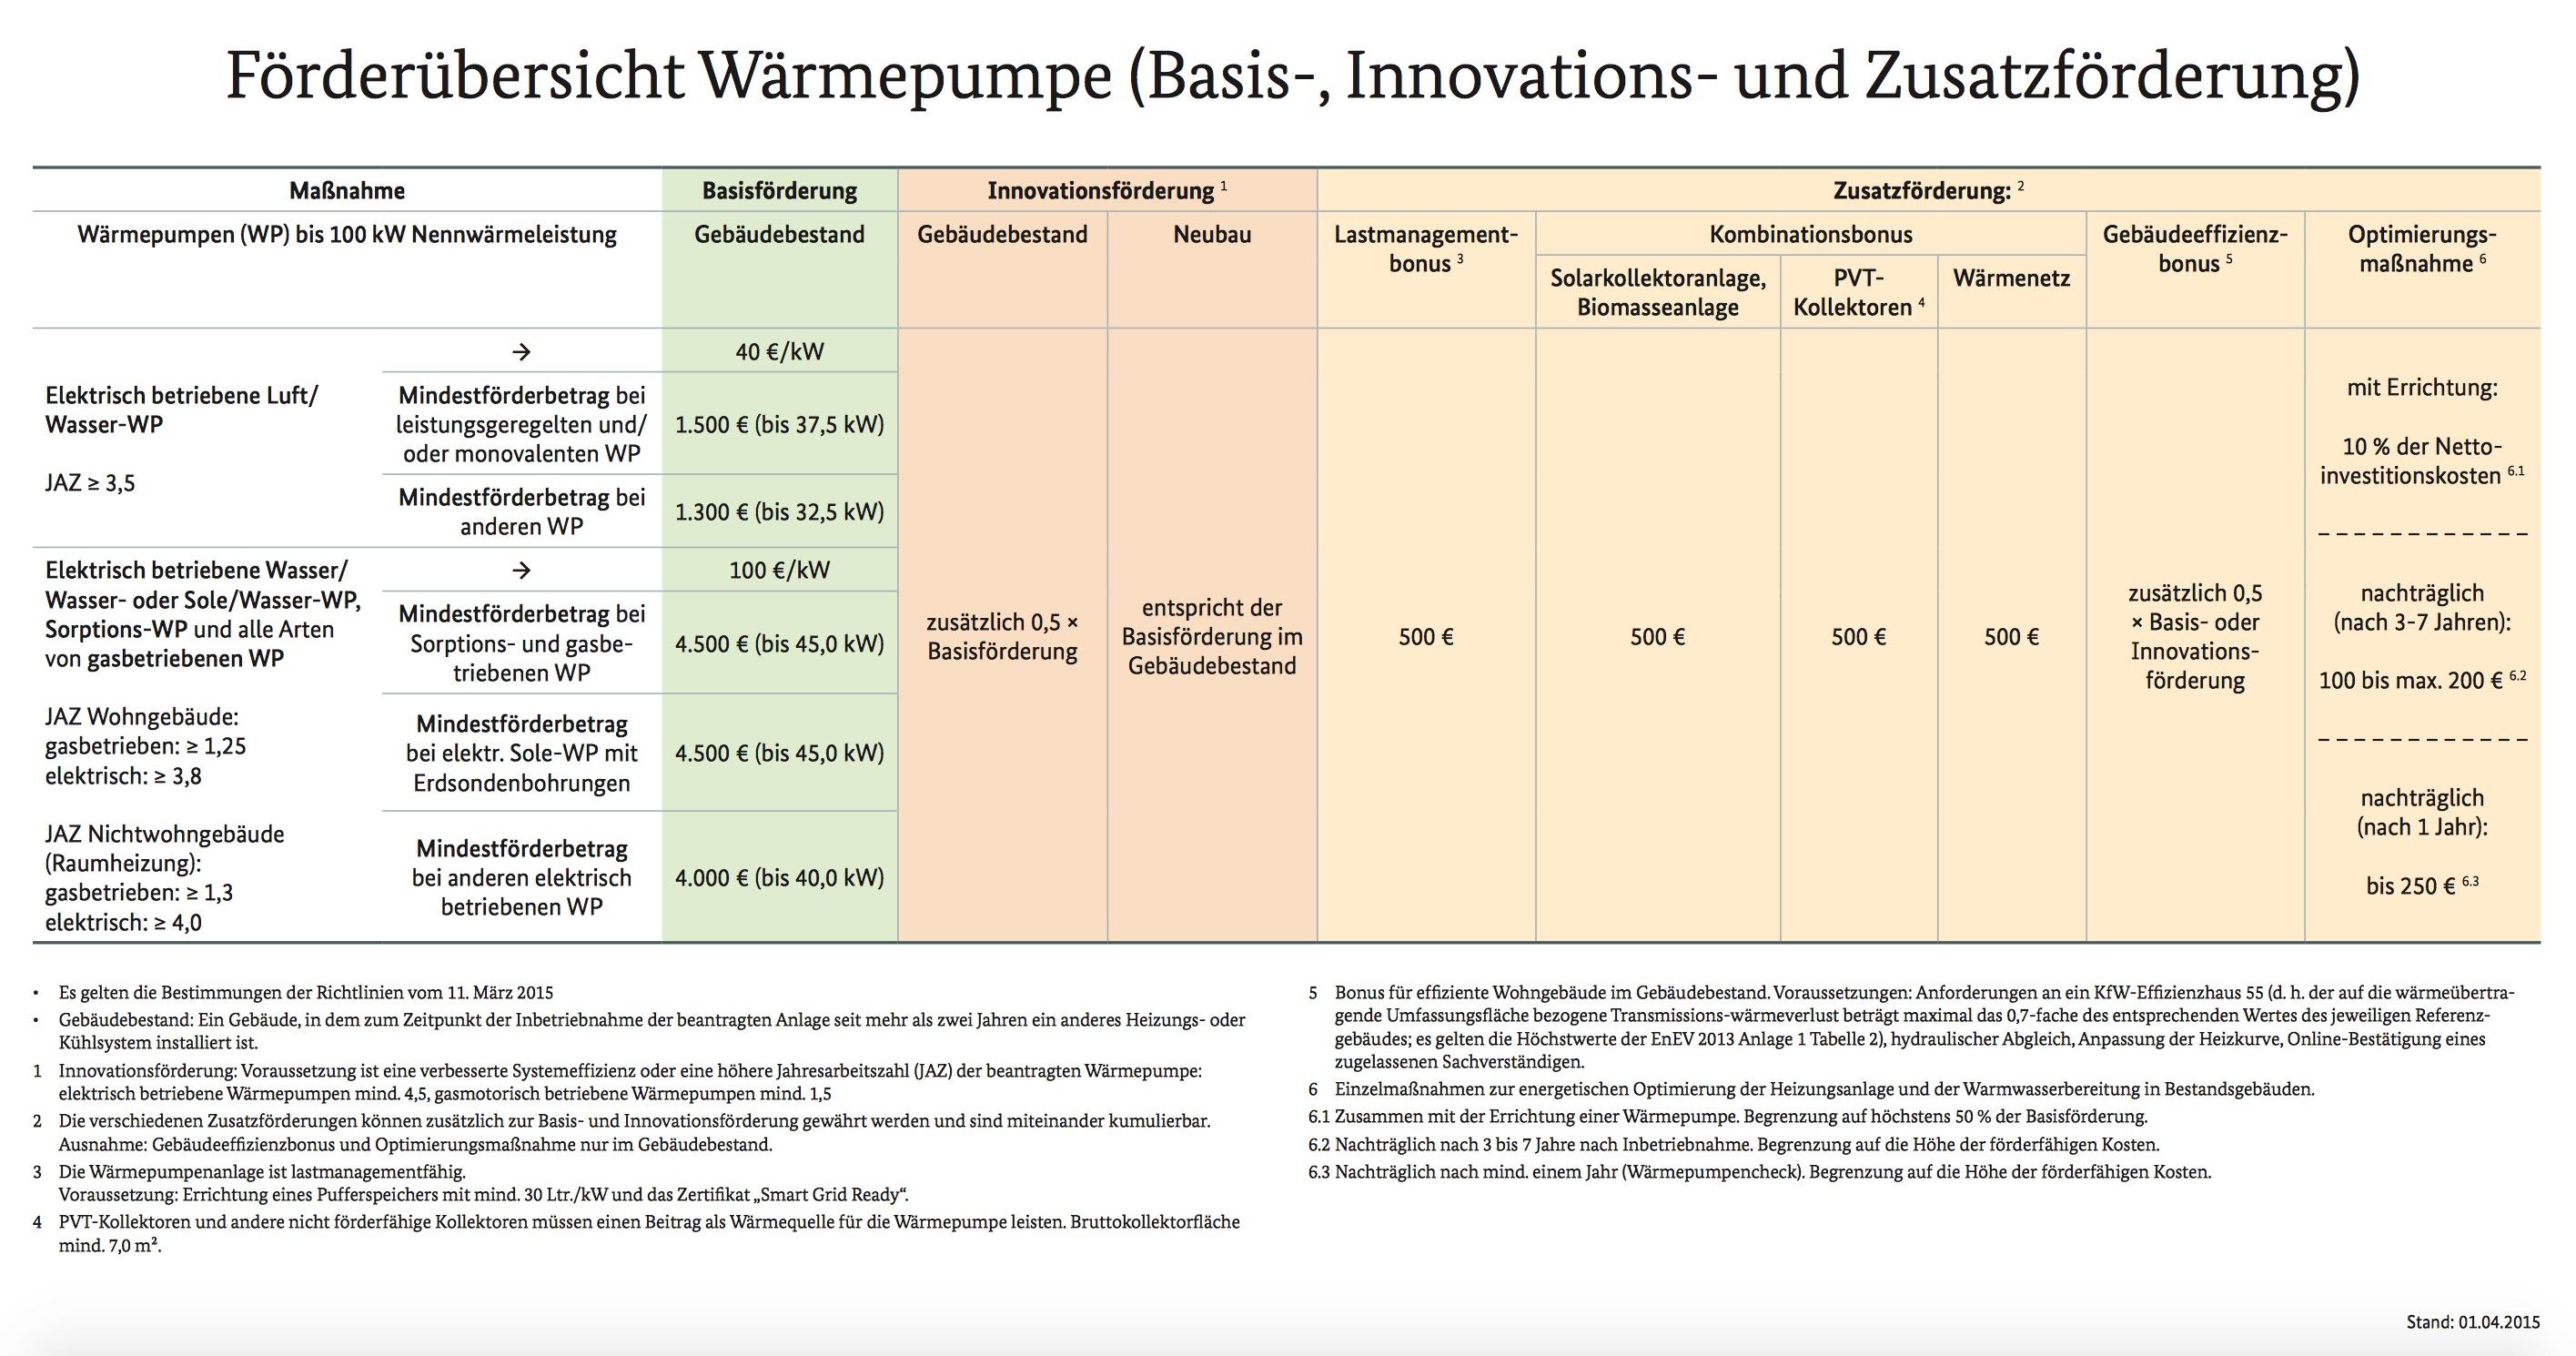 Förderübersicht - Wärmepumpenanlagen zum Stand 01.04.2015 Quelle BAFA